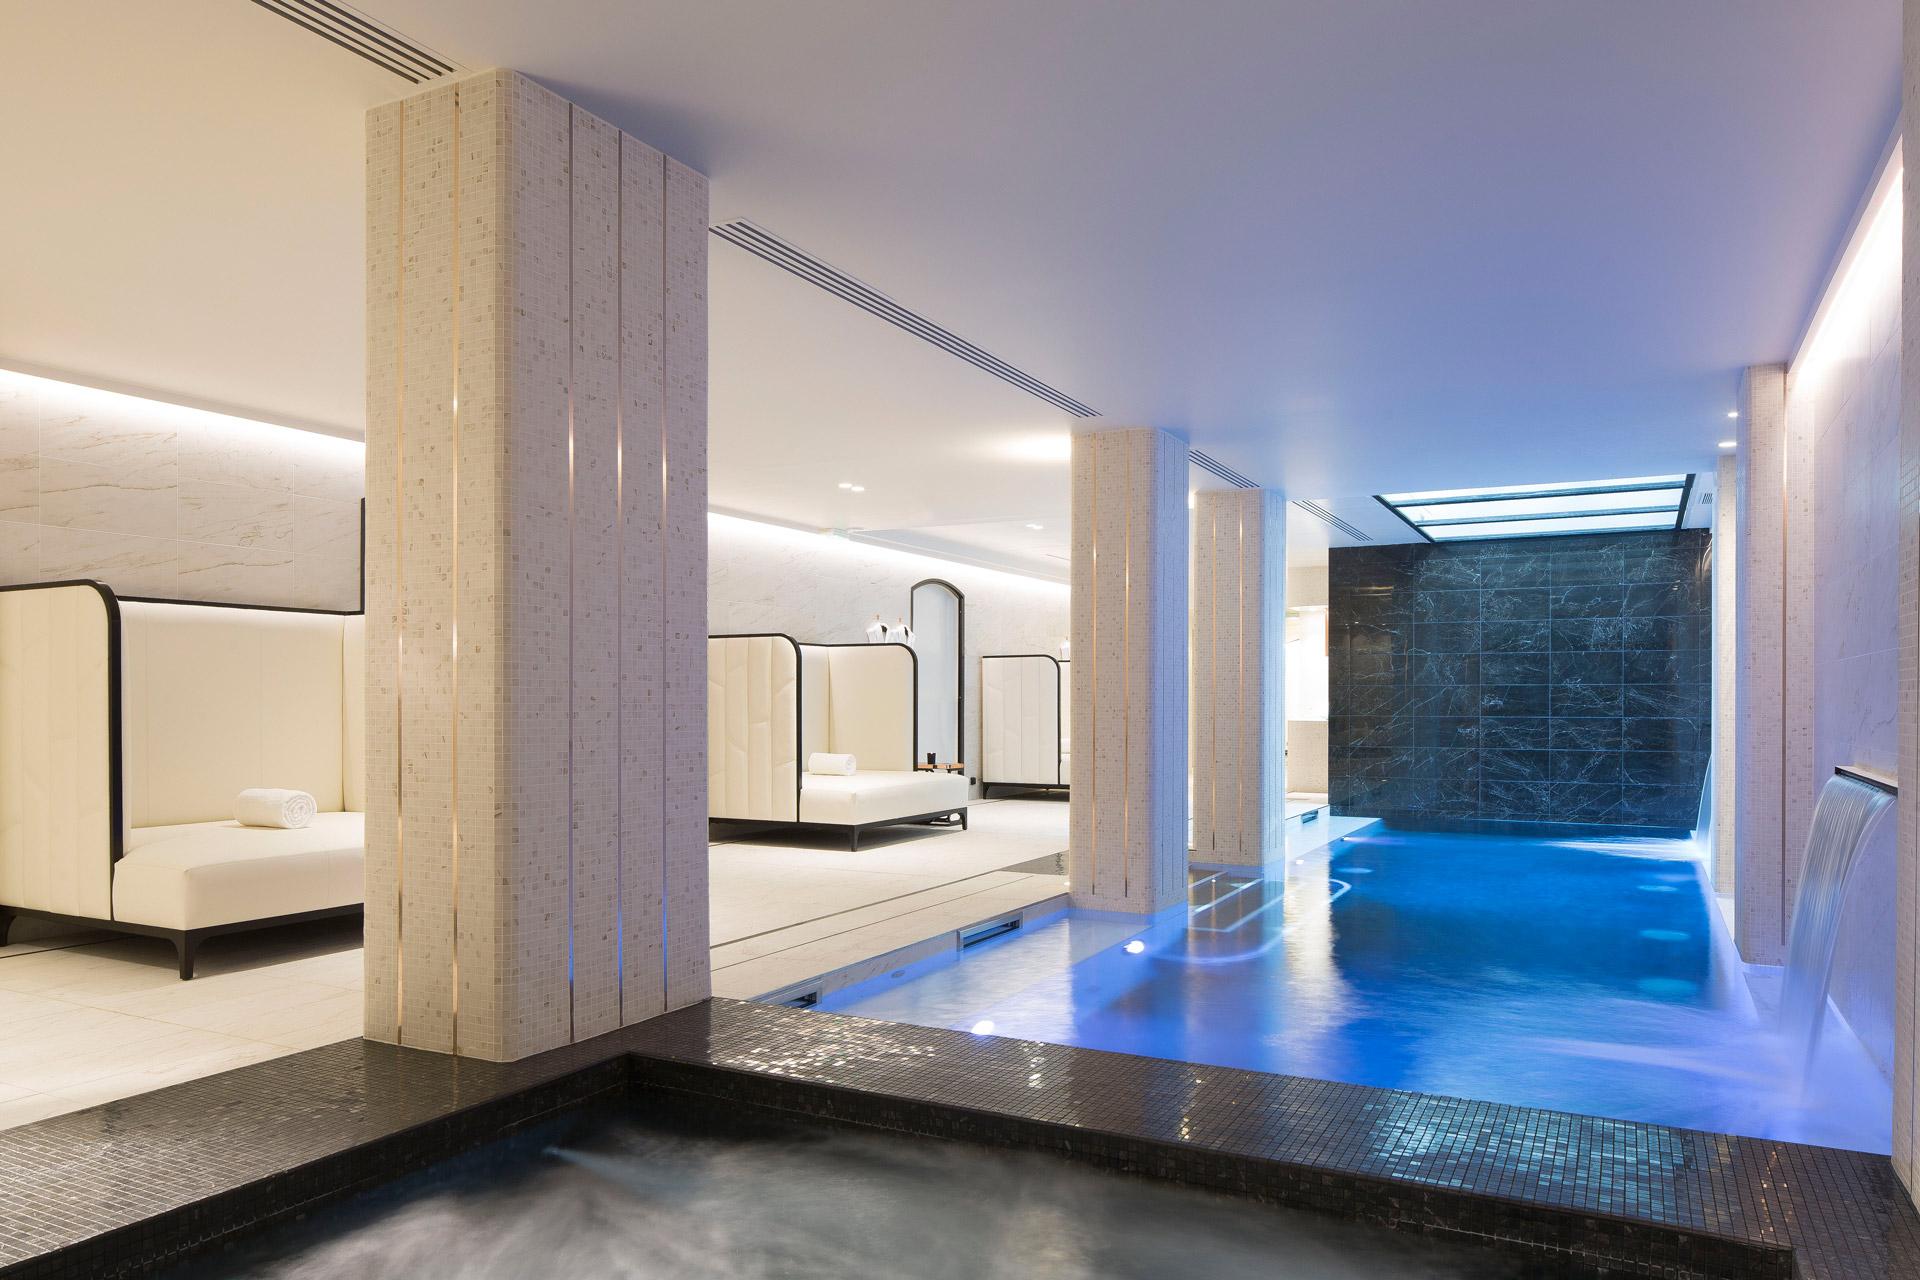 le-narcisse-blanc_spa-espace-piscine_Fashionela